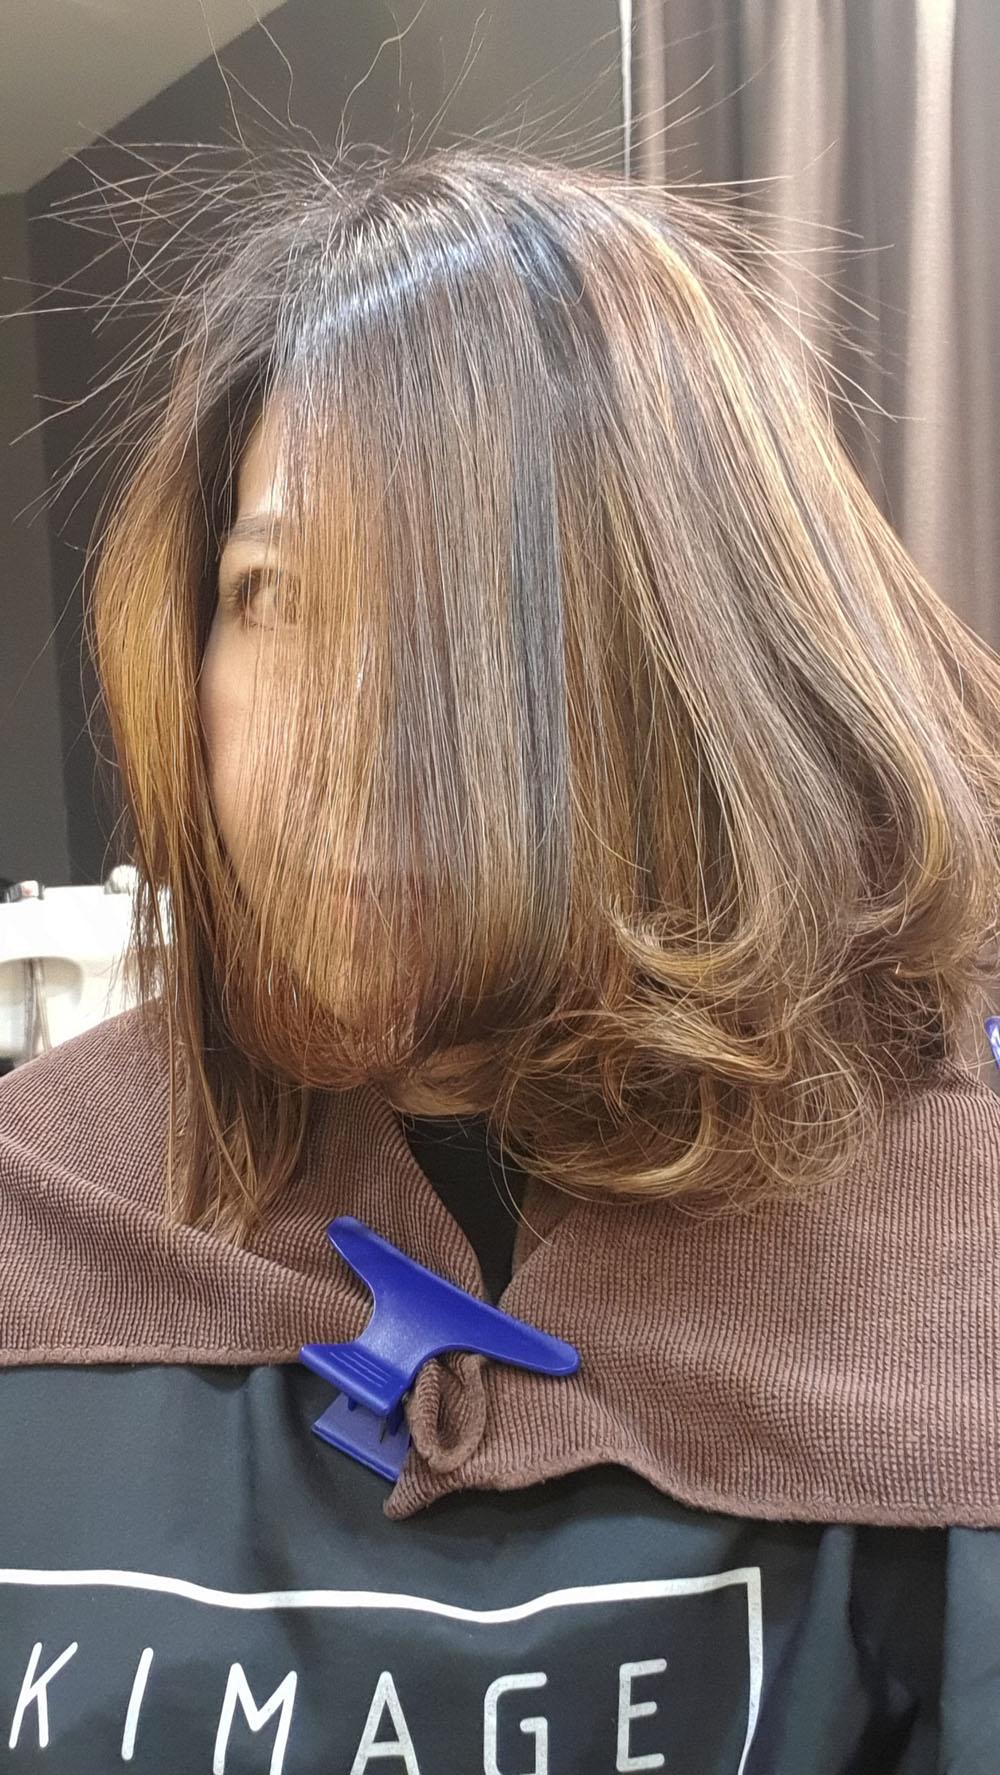 C Curl Rebonding Kimage